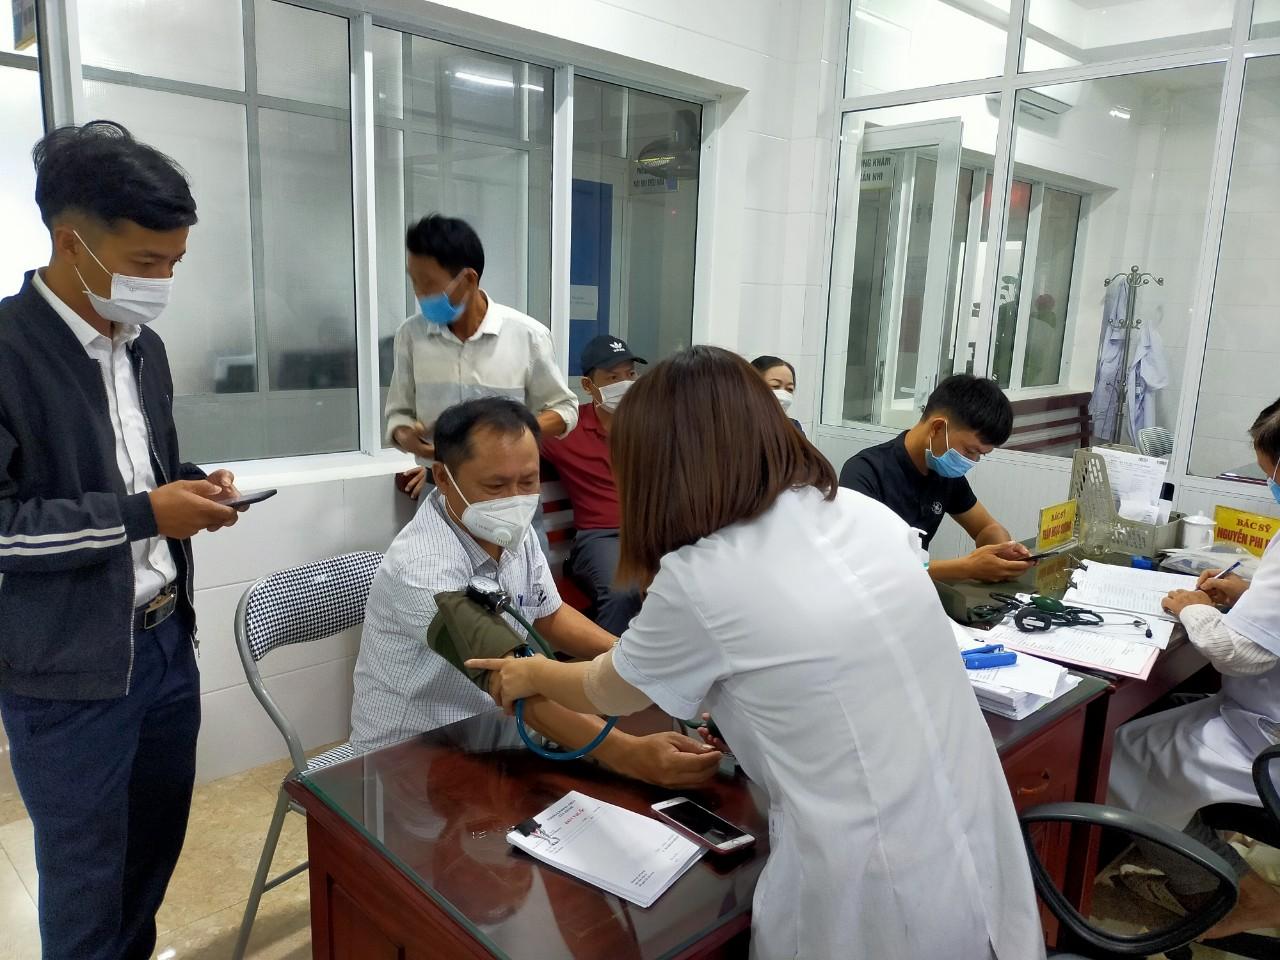 Công đoàn xã Hương Giang phối hợp tổ chức khám sức khỏe định kỳ cho đoàn viên và người lao động